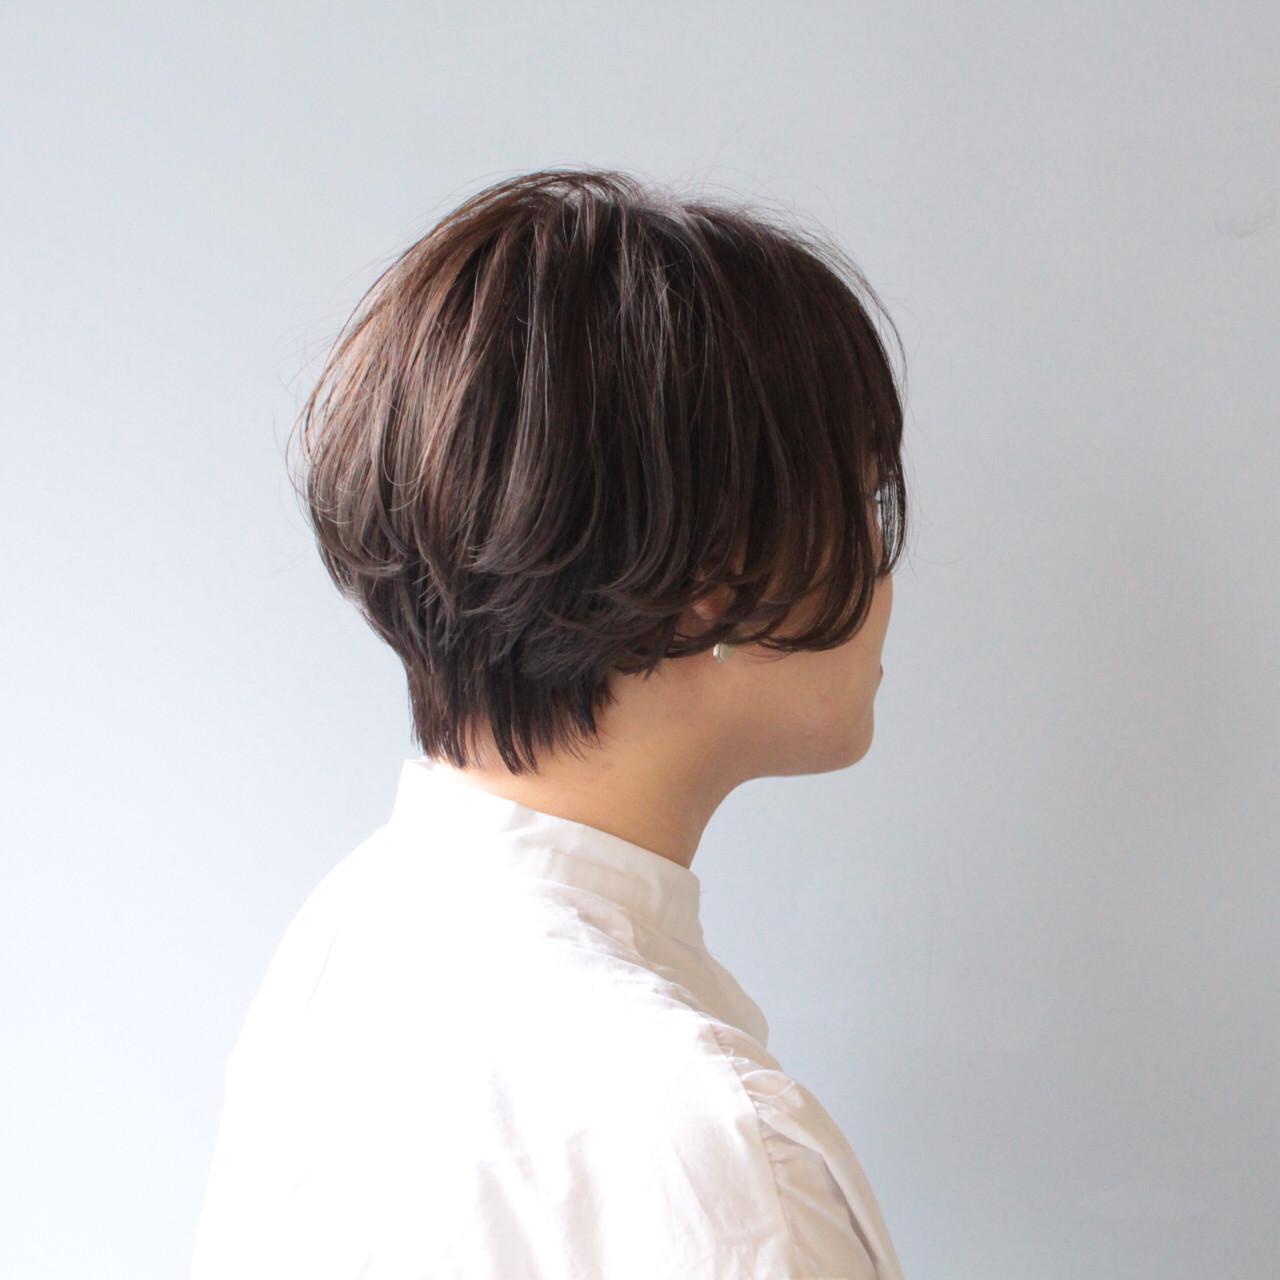 黒髪 ショートボブ ショート ナチュラル ヘアスタイルや髪型の写真・画像 | 【ショート&ショートボブはお任せください】淺川聖 / parc sapporo